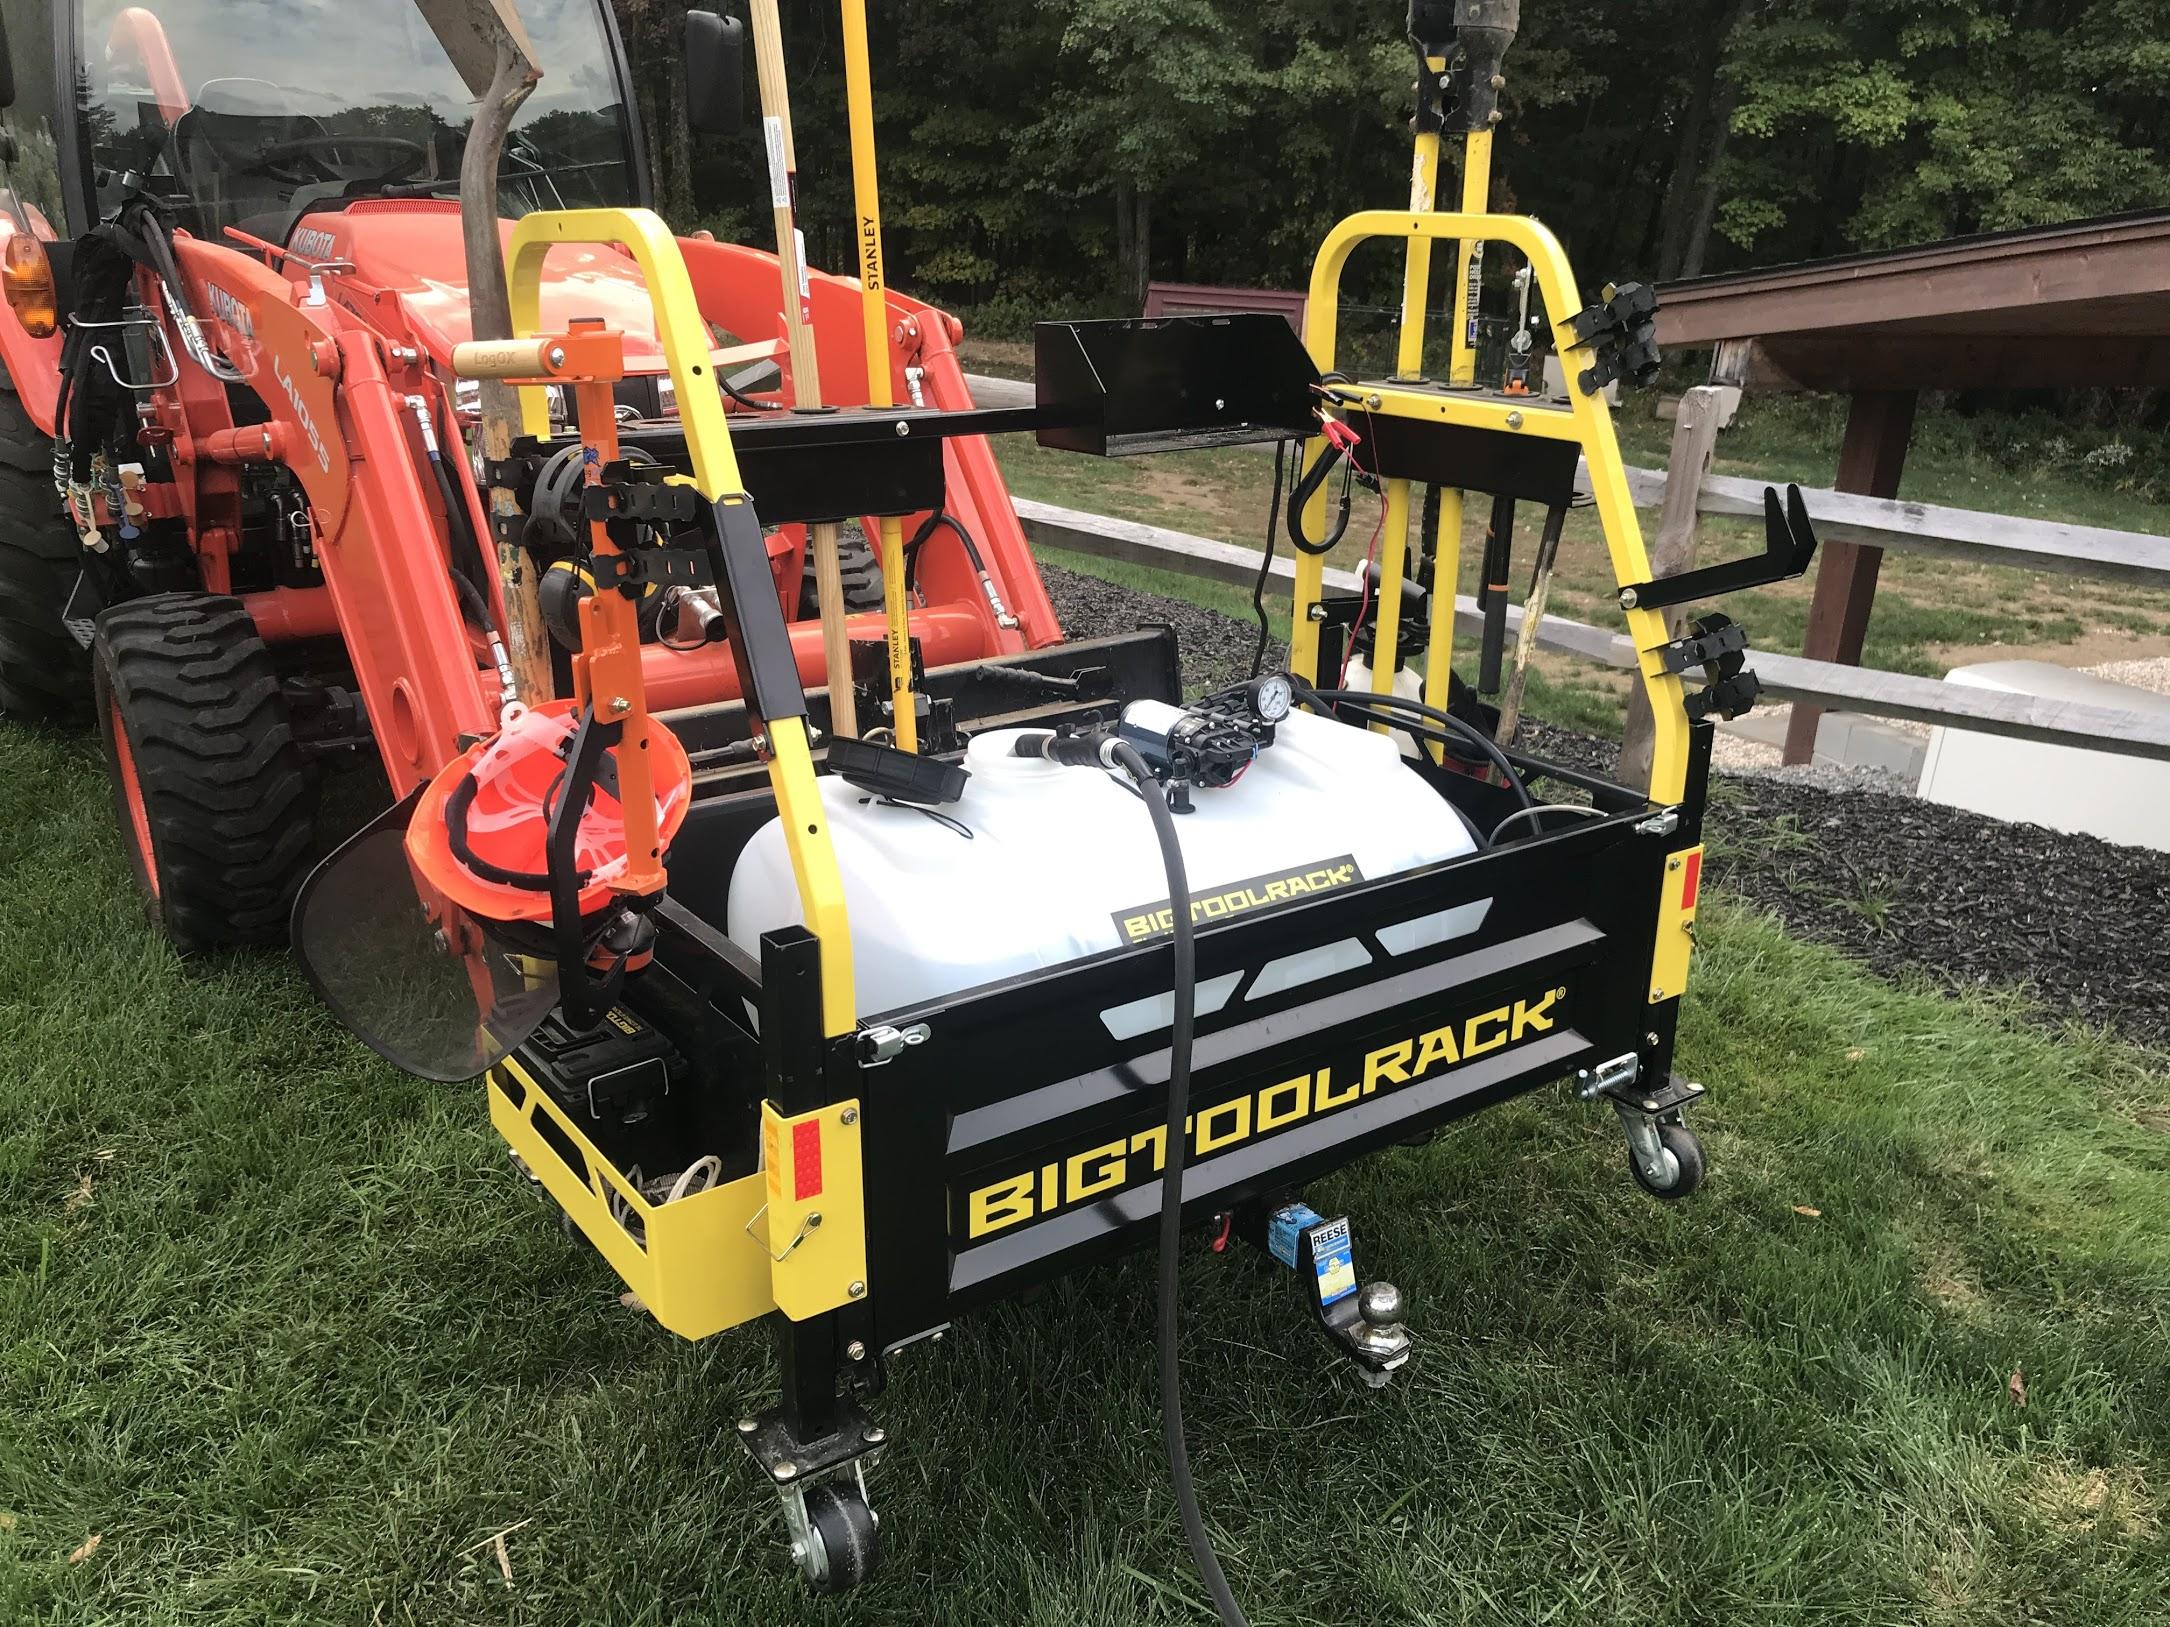 btr sp40 550 bigtoolrack spot sprayer 40 gallons bigtoolrack